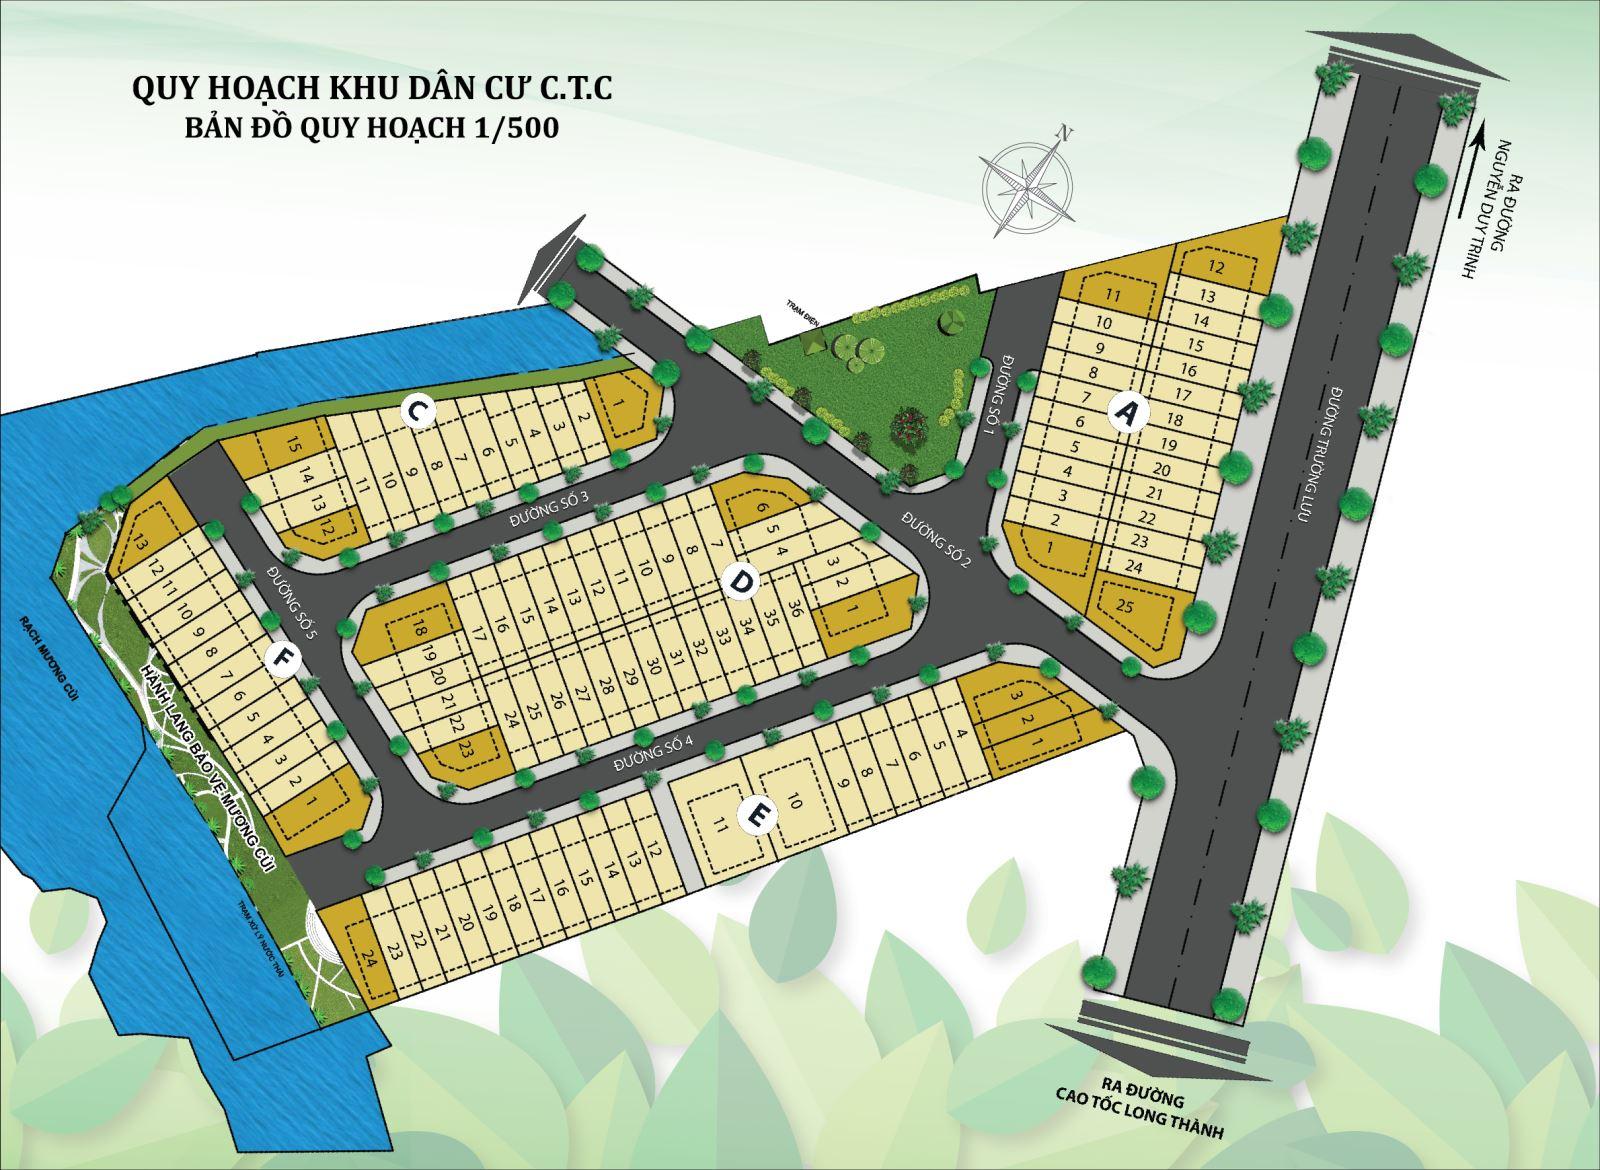 Khu dân cư CTC Trường Lưu Quận 9